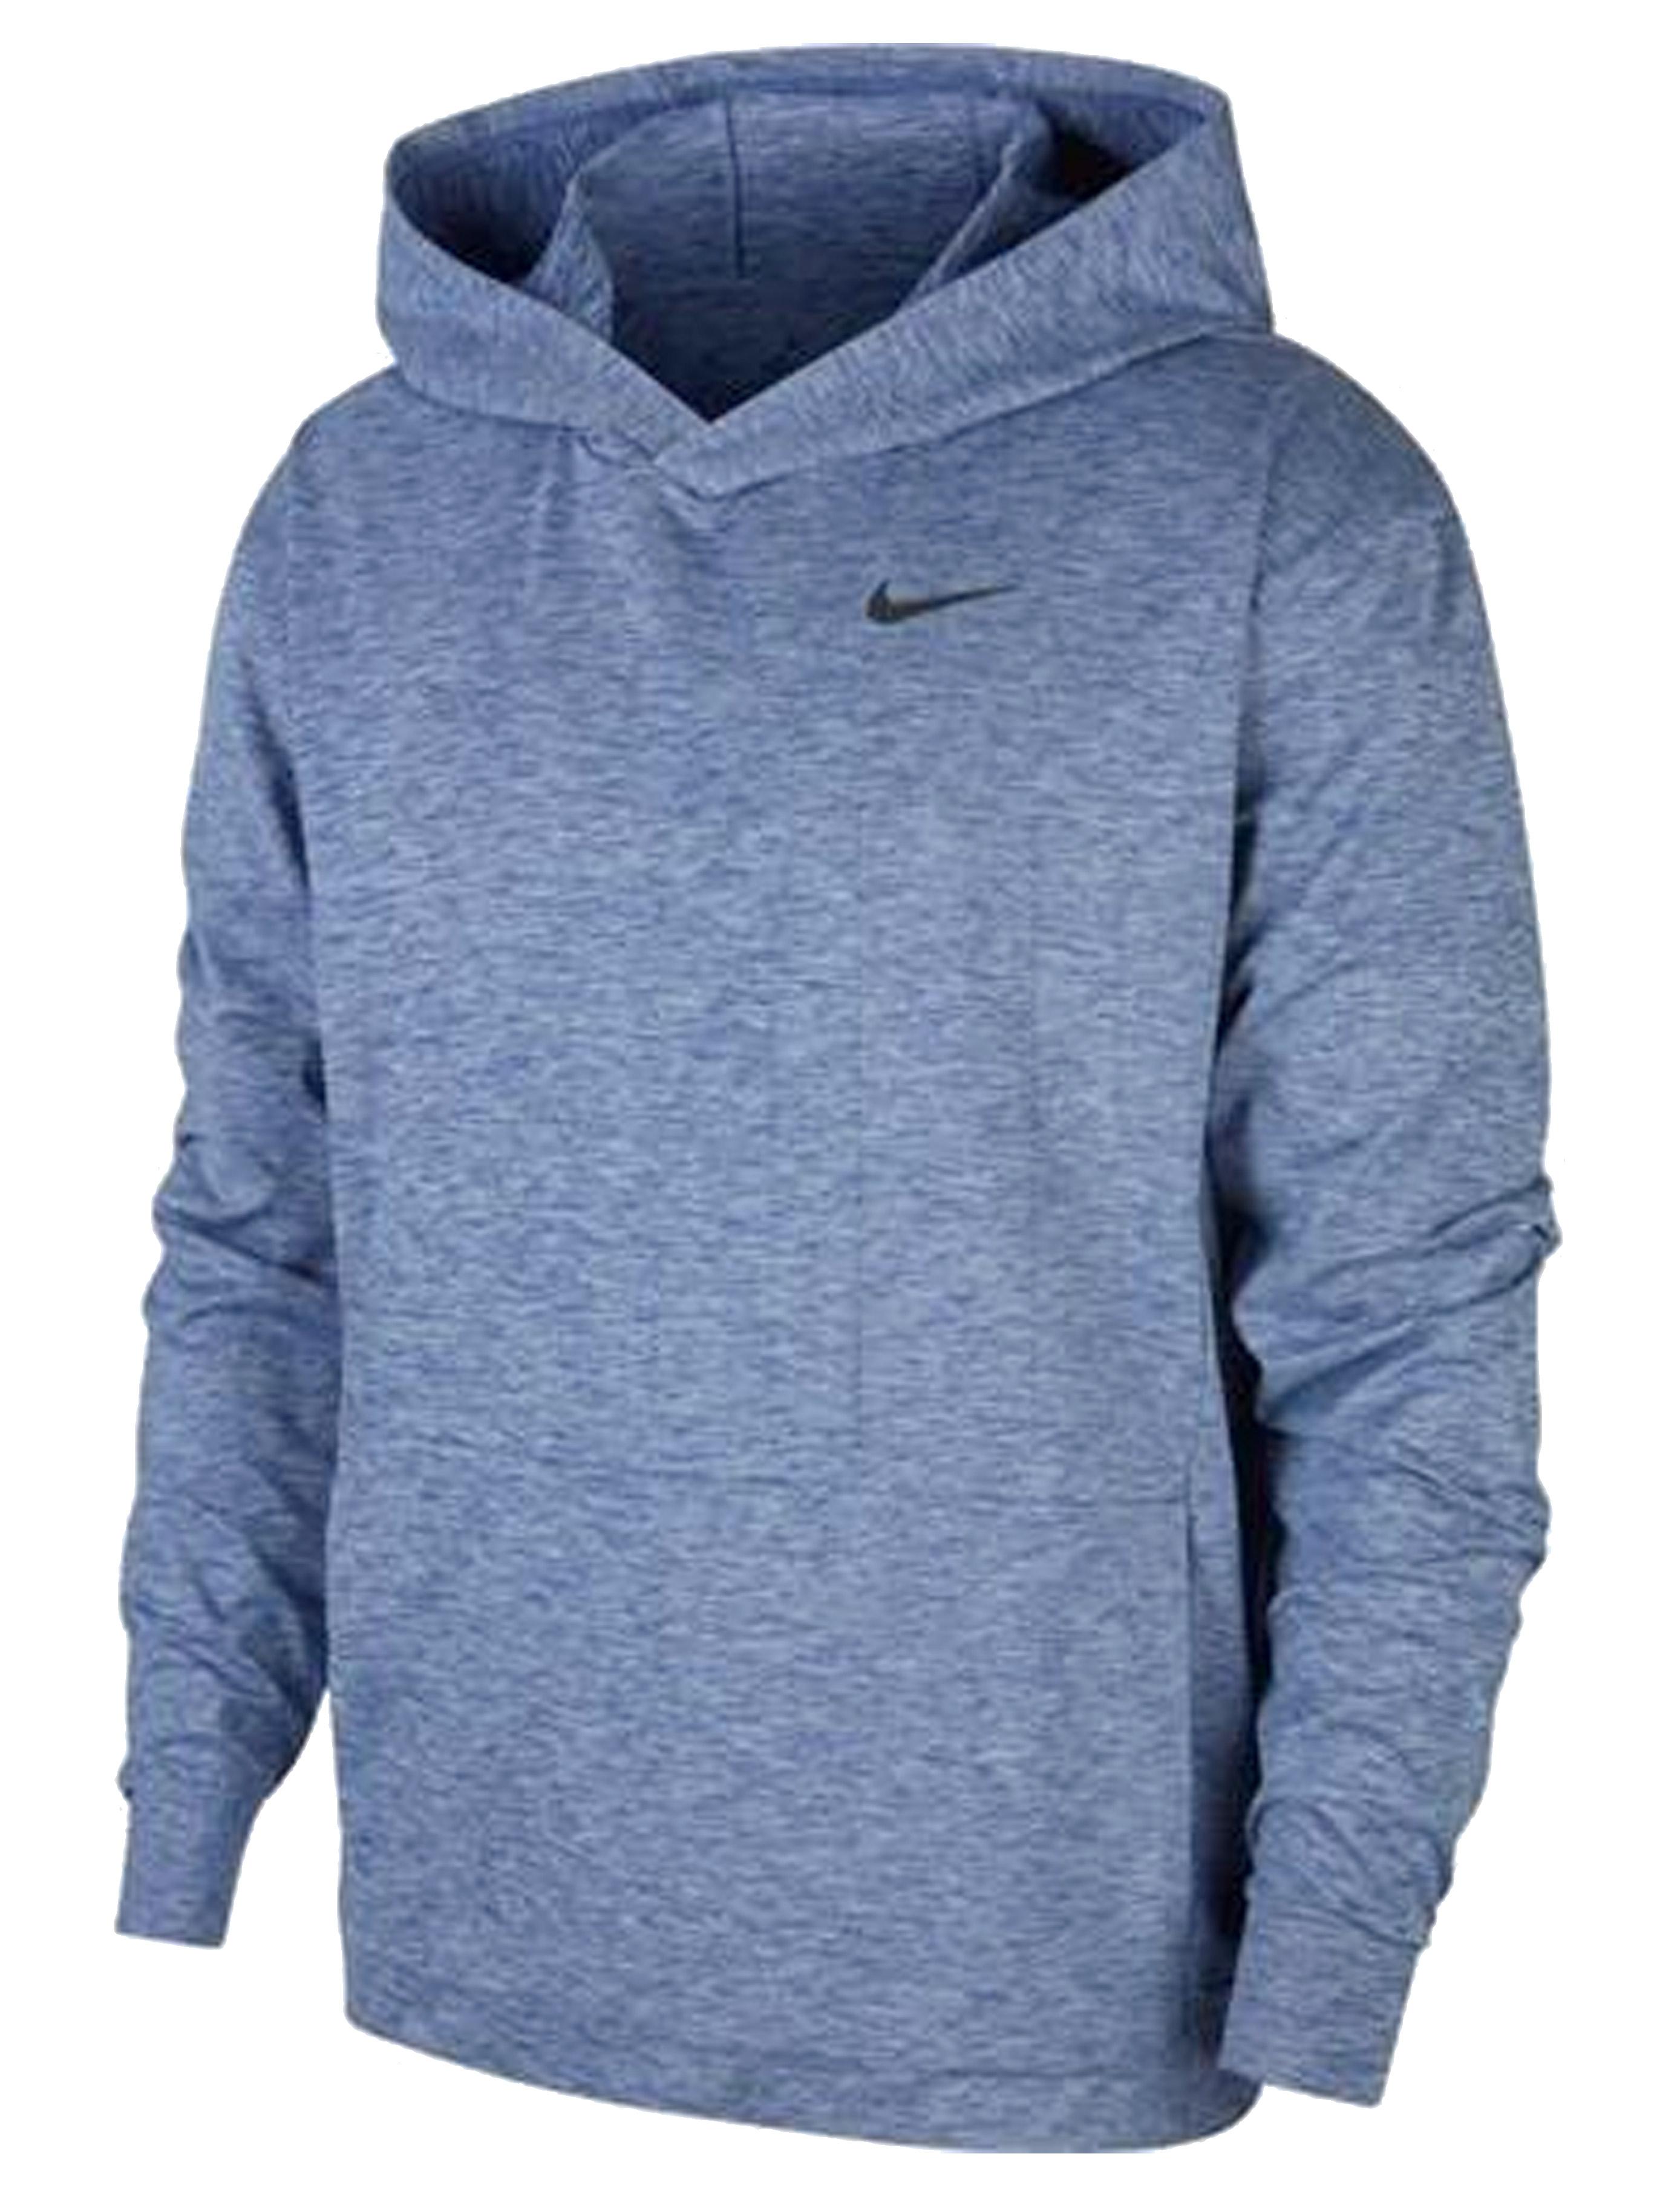 ביגוד נייק לגברים Nike DRY HE PO HPRDRY LT - כחול